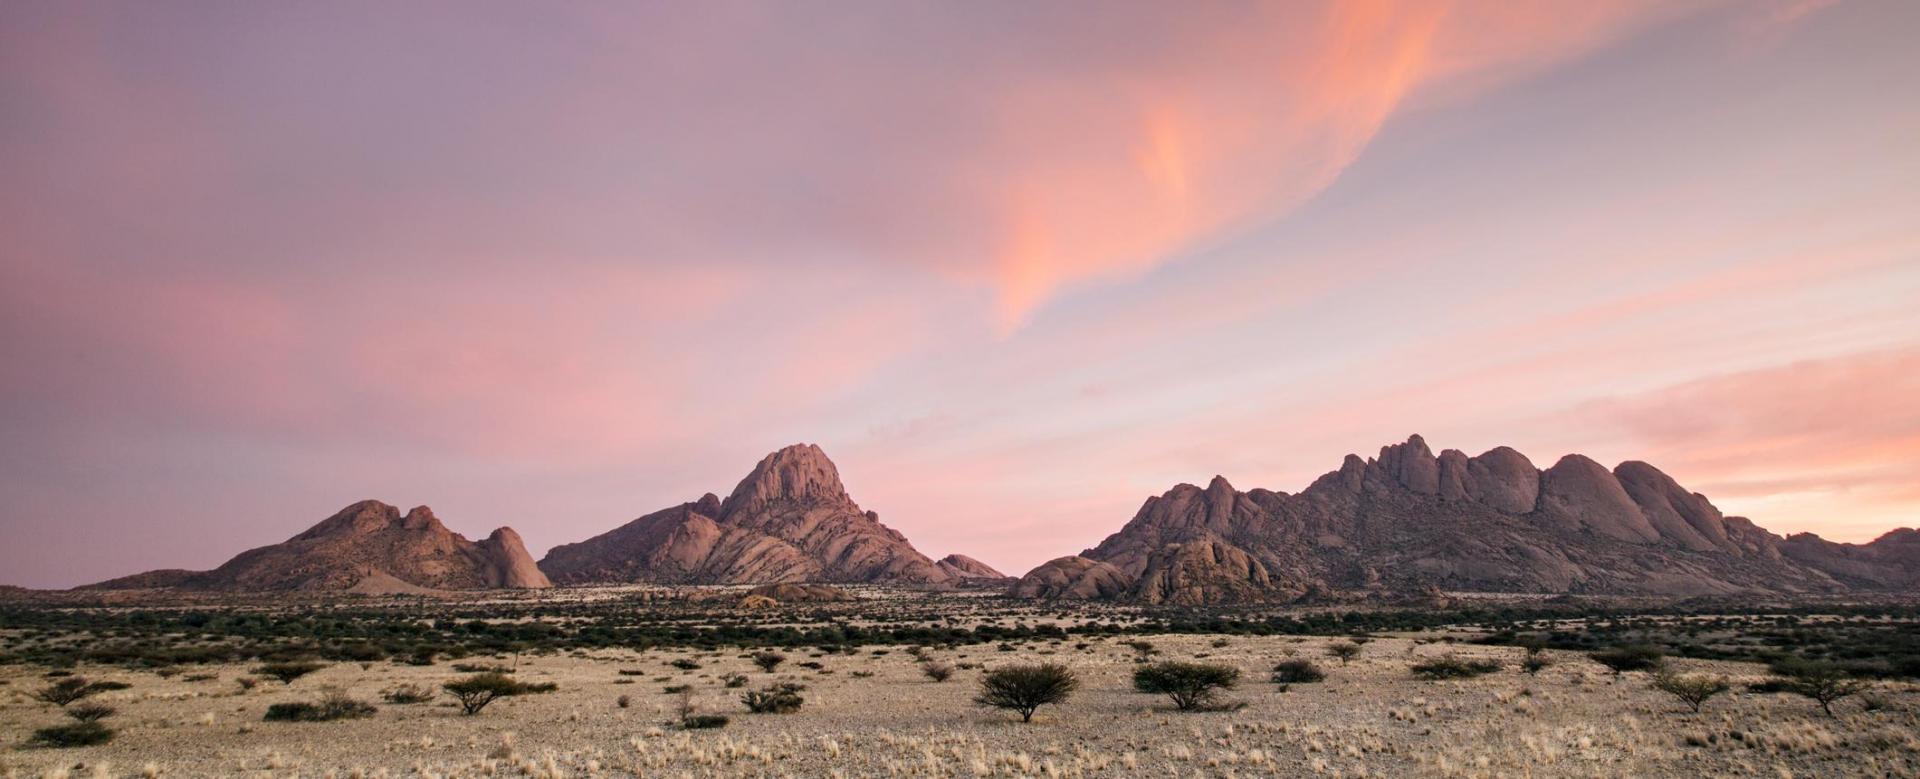 Voyage à pied Namibie : Les essentiels de namibie